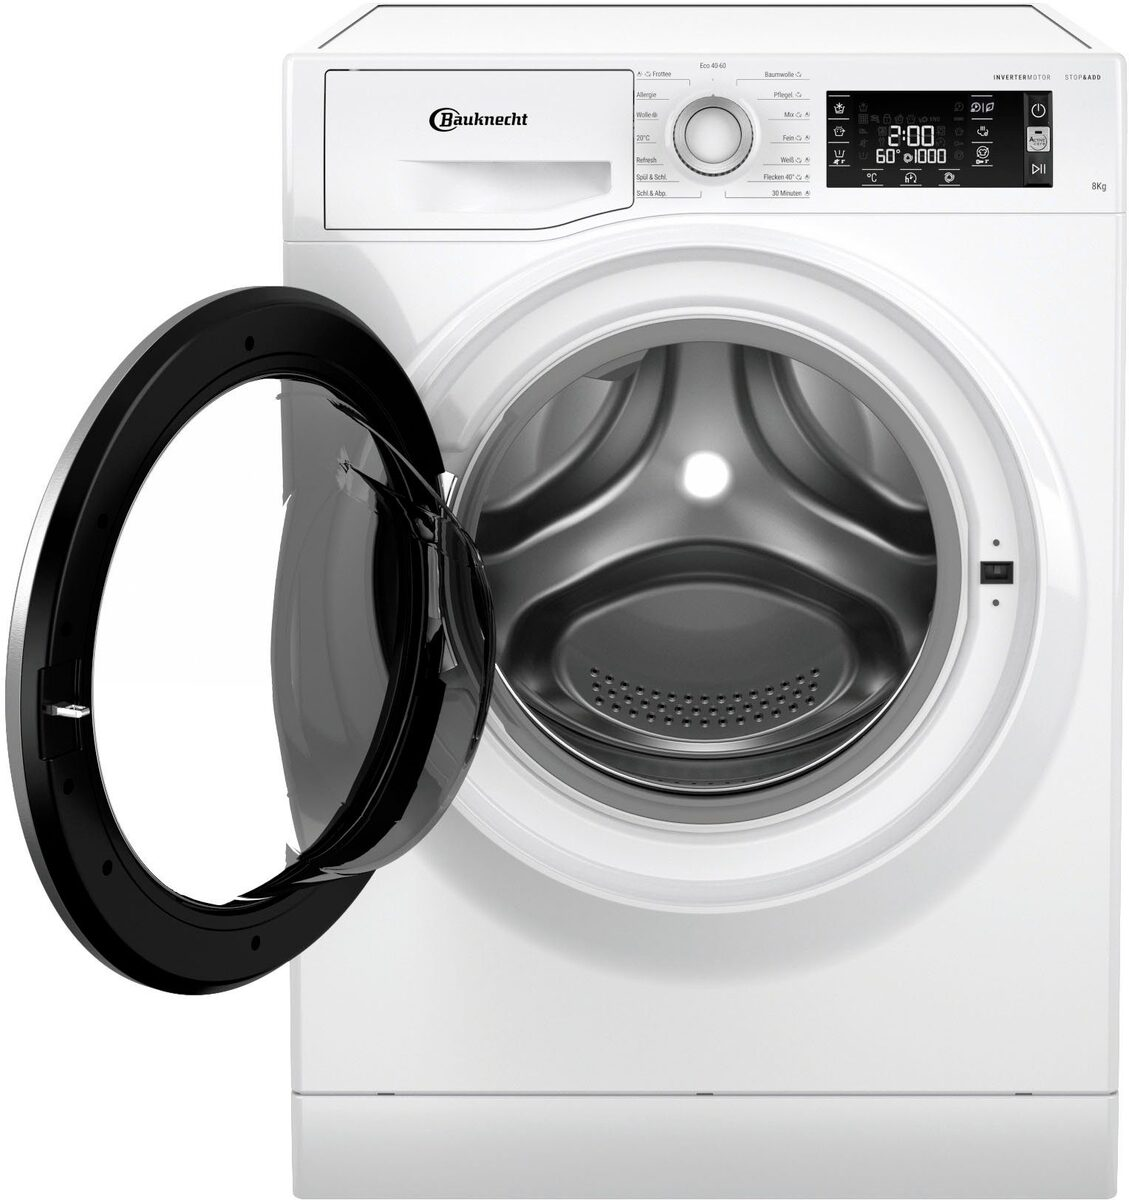 Bild 4 von BAUKNECHT Waschmaschine WM Elite 816 C, 8 kg, 1600 U/Min